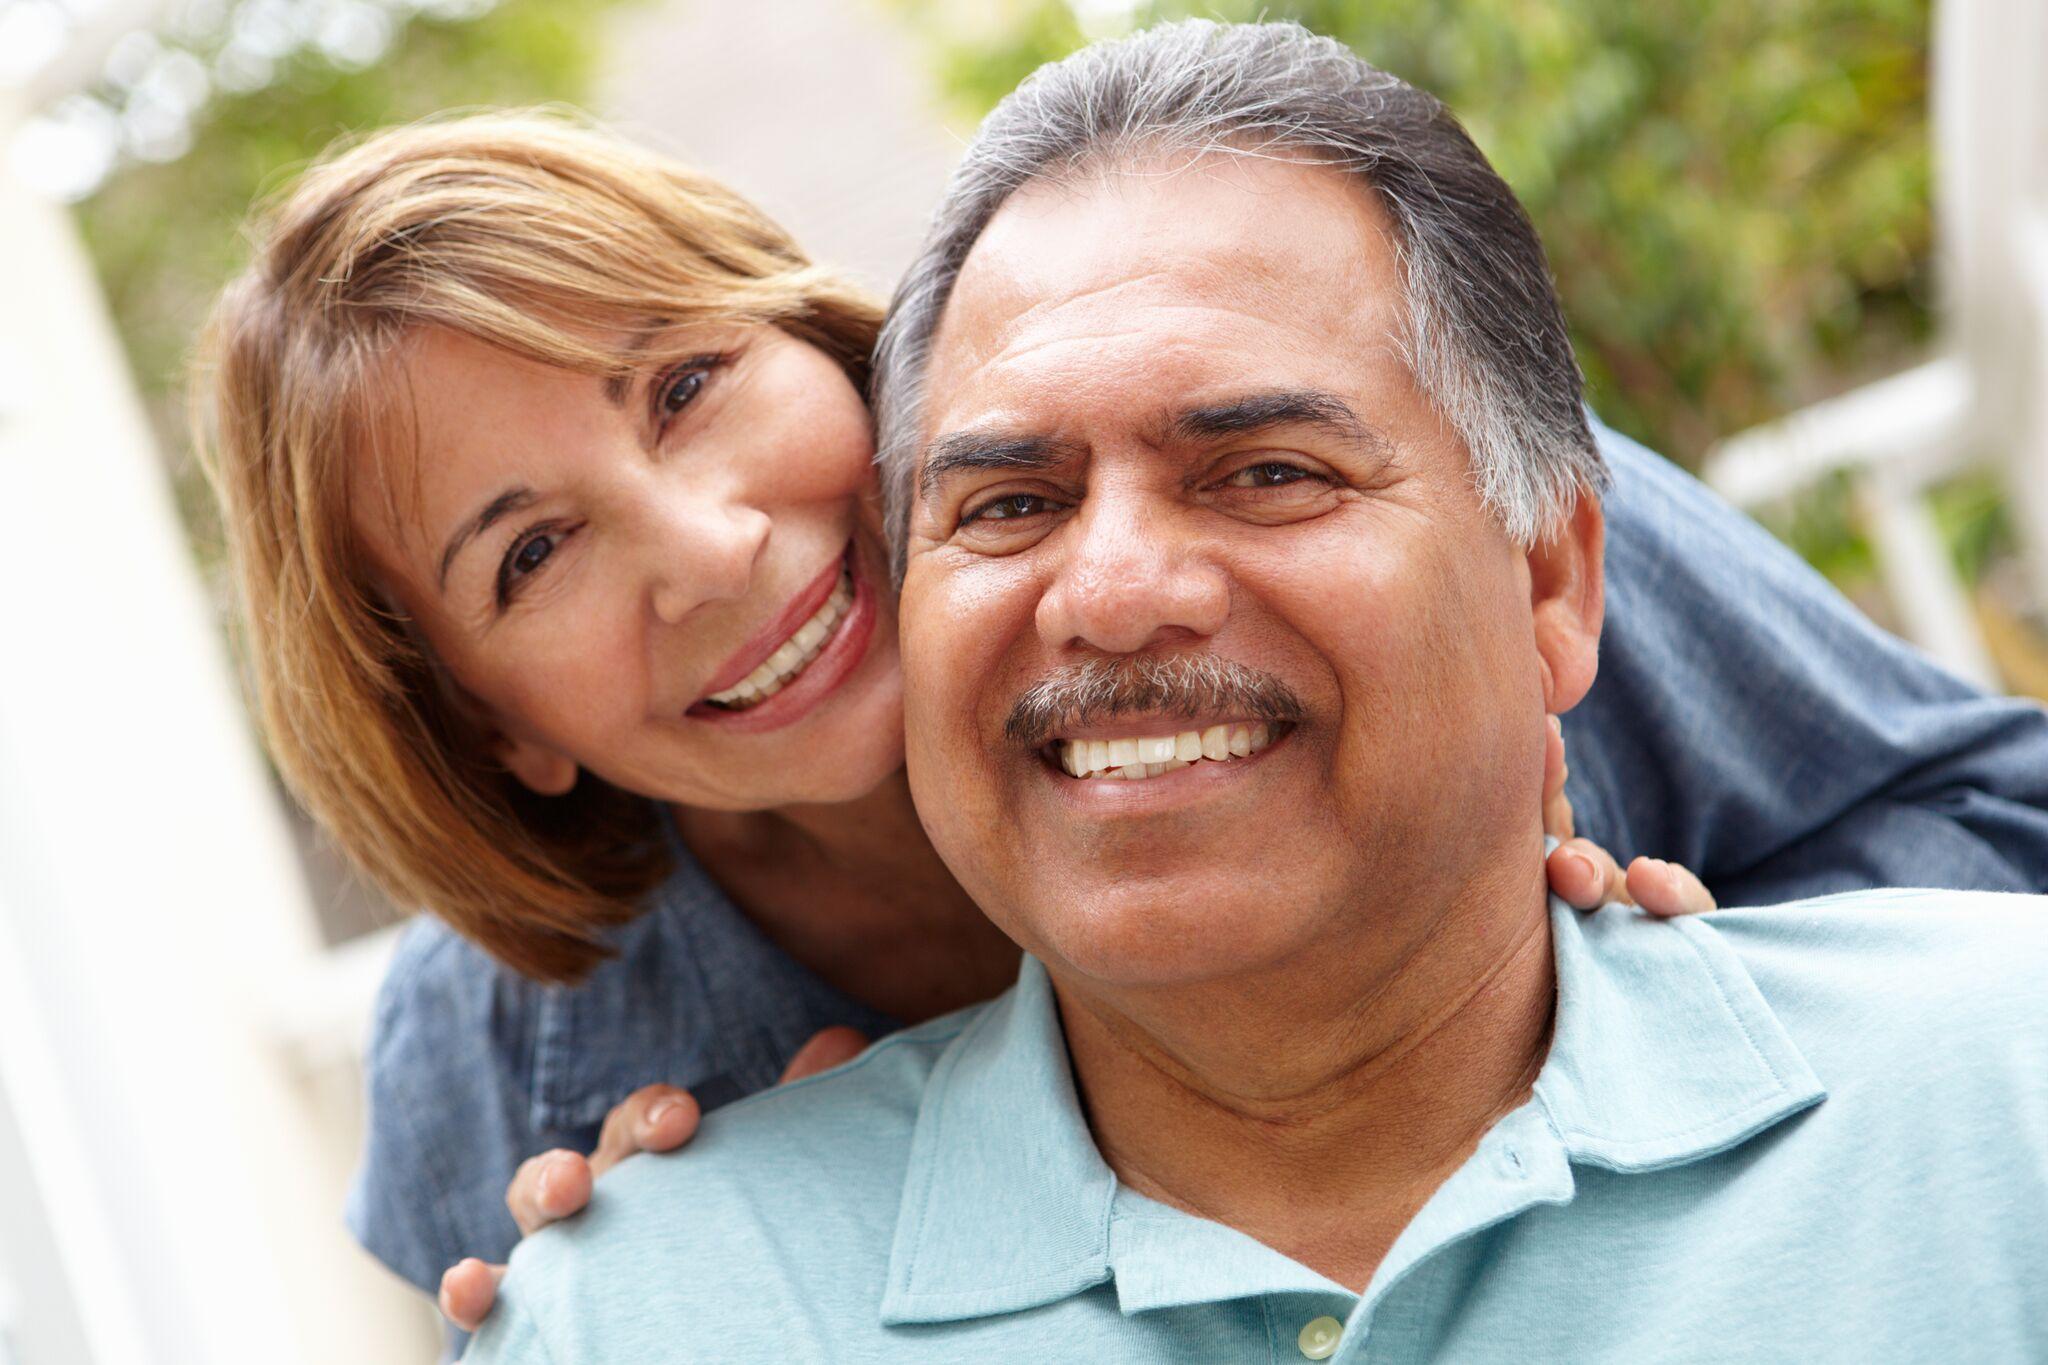 Don't Miss Your Screening | Family 1st Dentist in Osmond, NE 68765